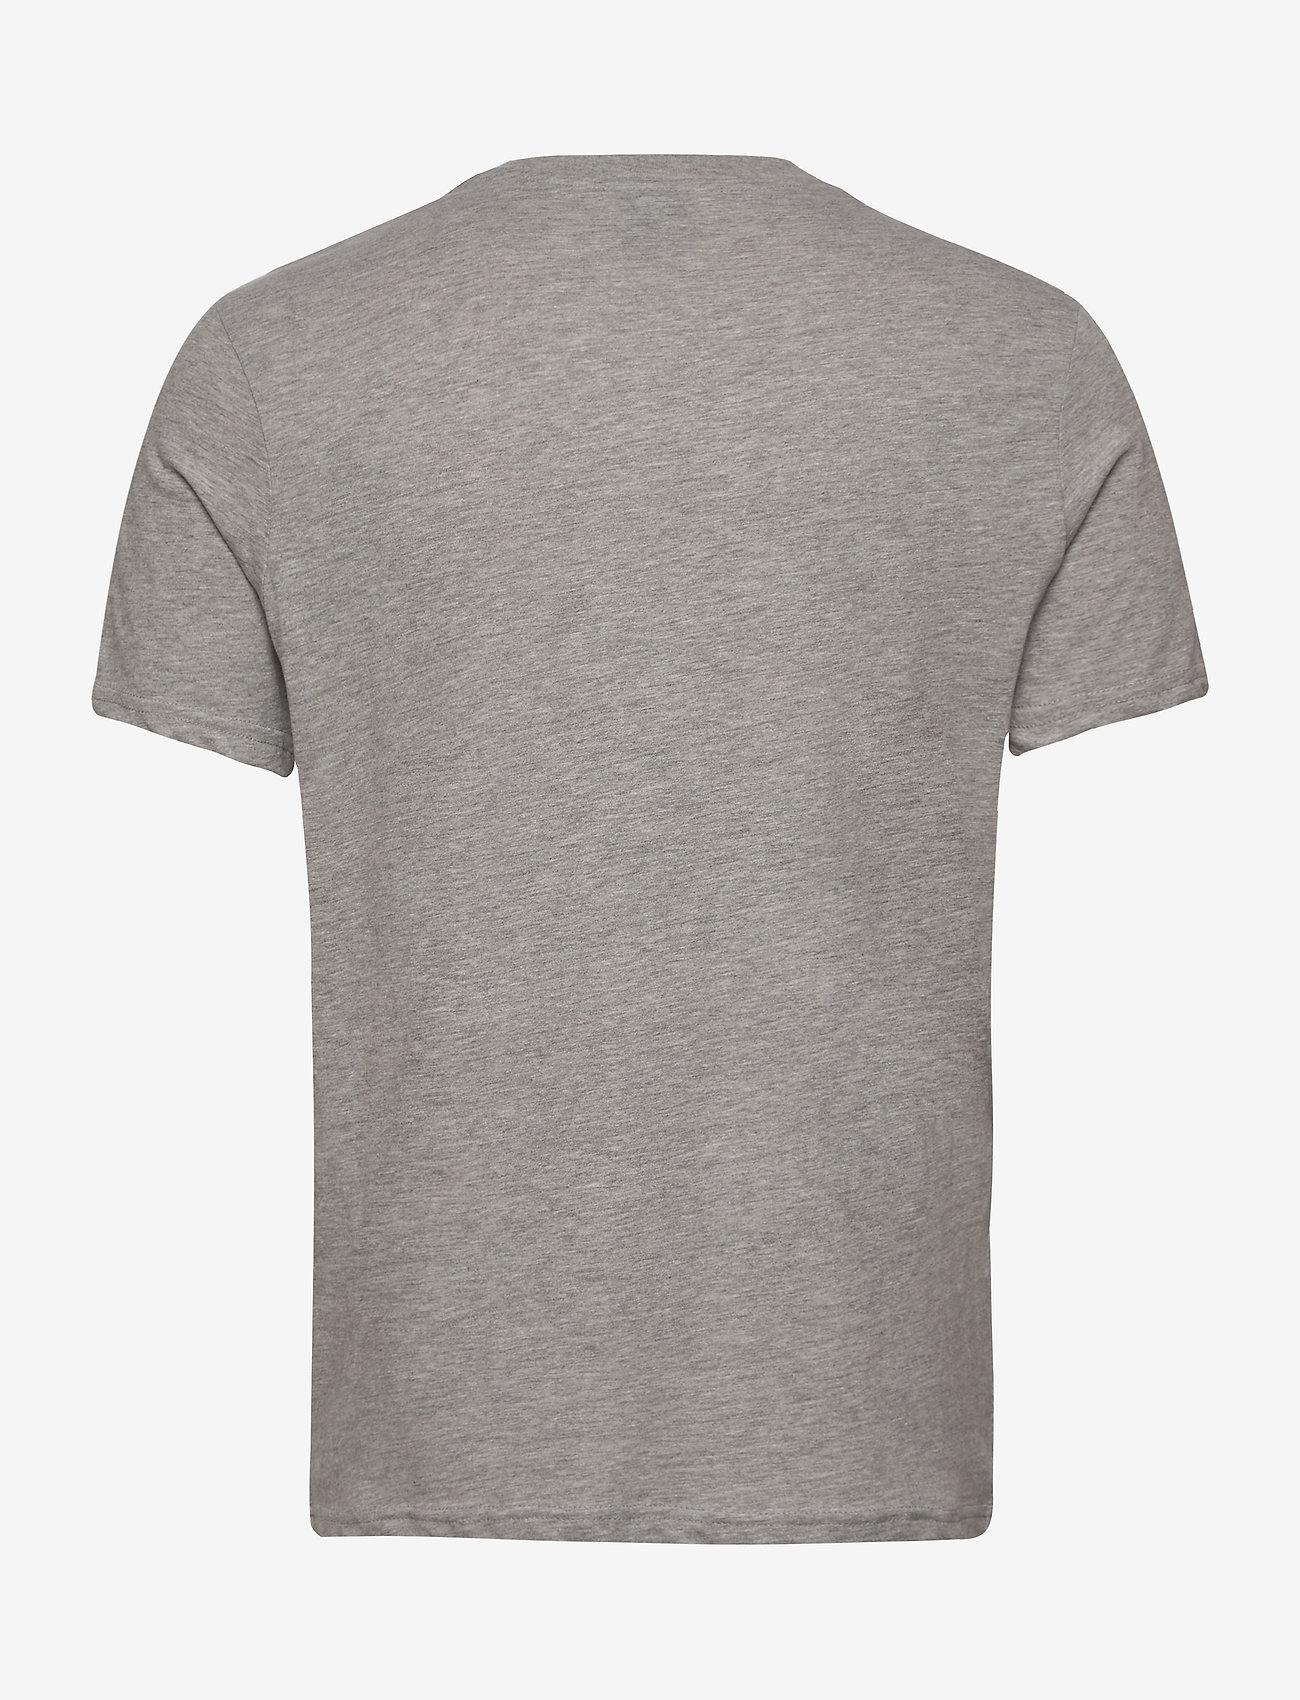 Champion Crewneck T-Shirt - T-skjorter GRAY MELANGE LIGHT - Menn Klær